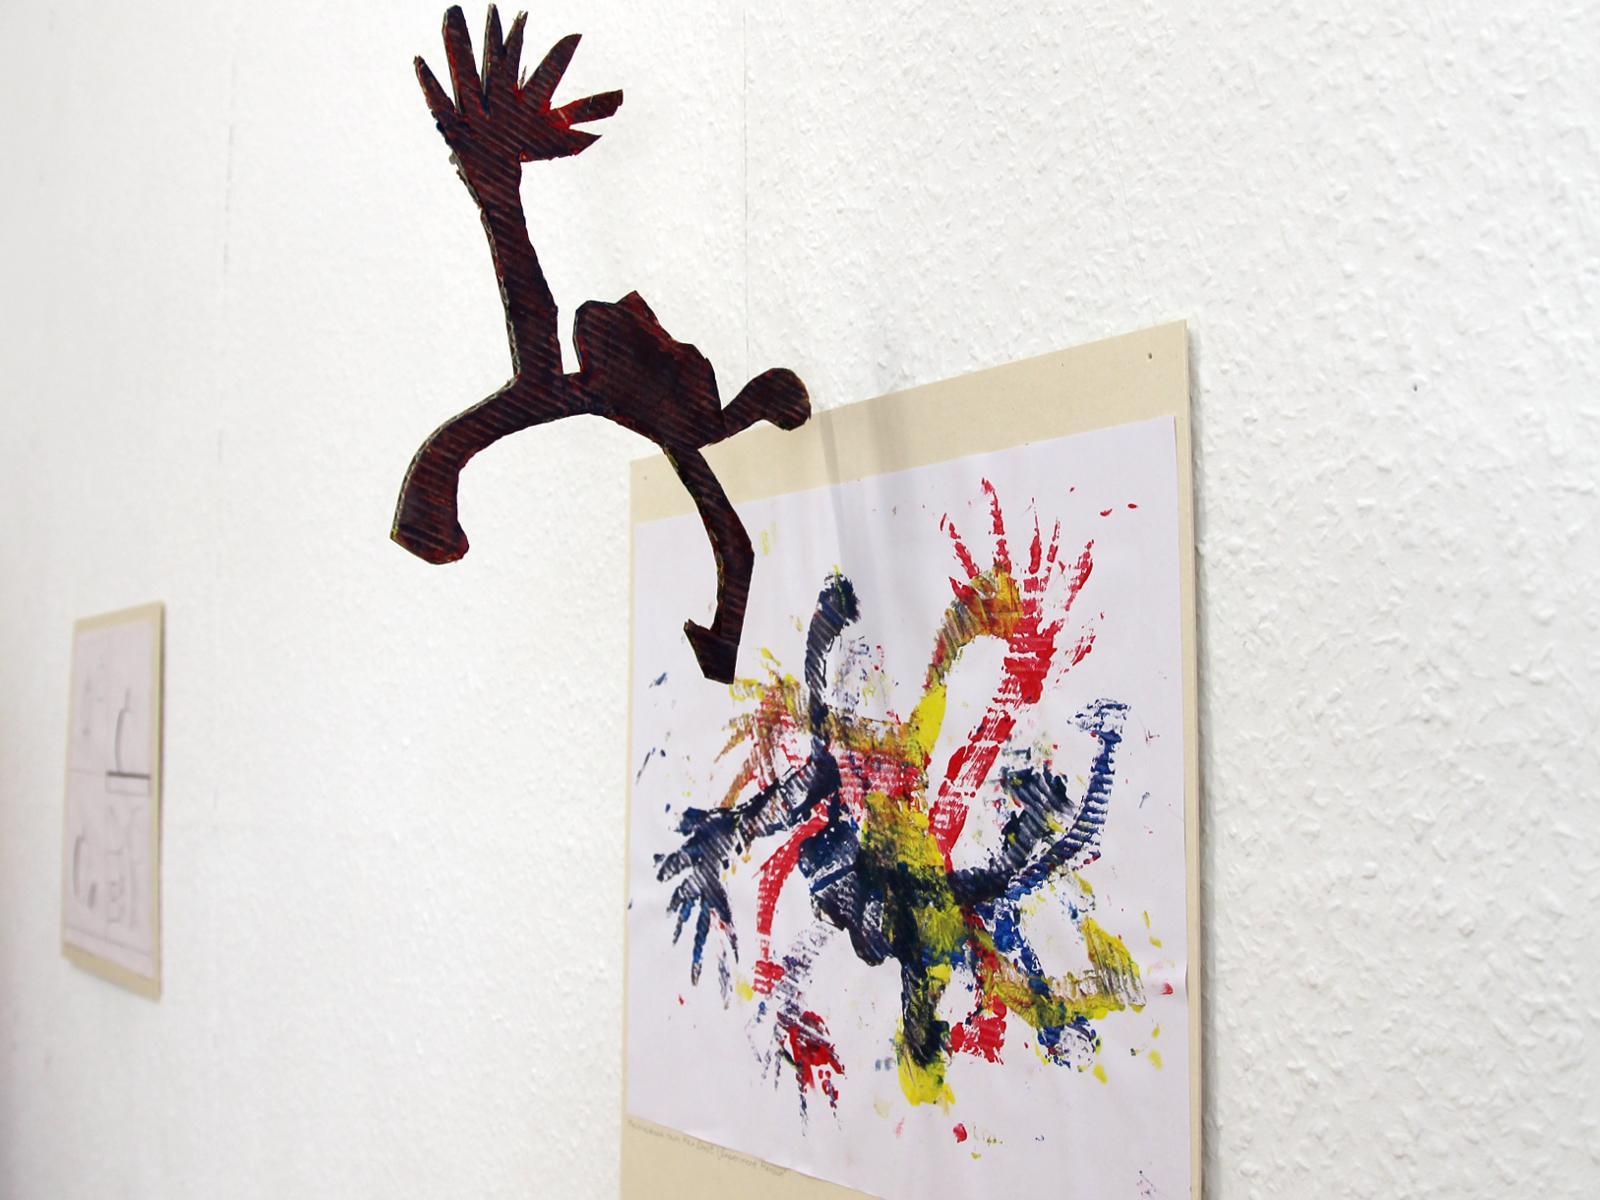 Kunstgespuer Kinderatelier-Ausstellung-Fantasievolle-Druckgrafik-Plastik Vorschulkind